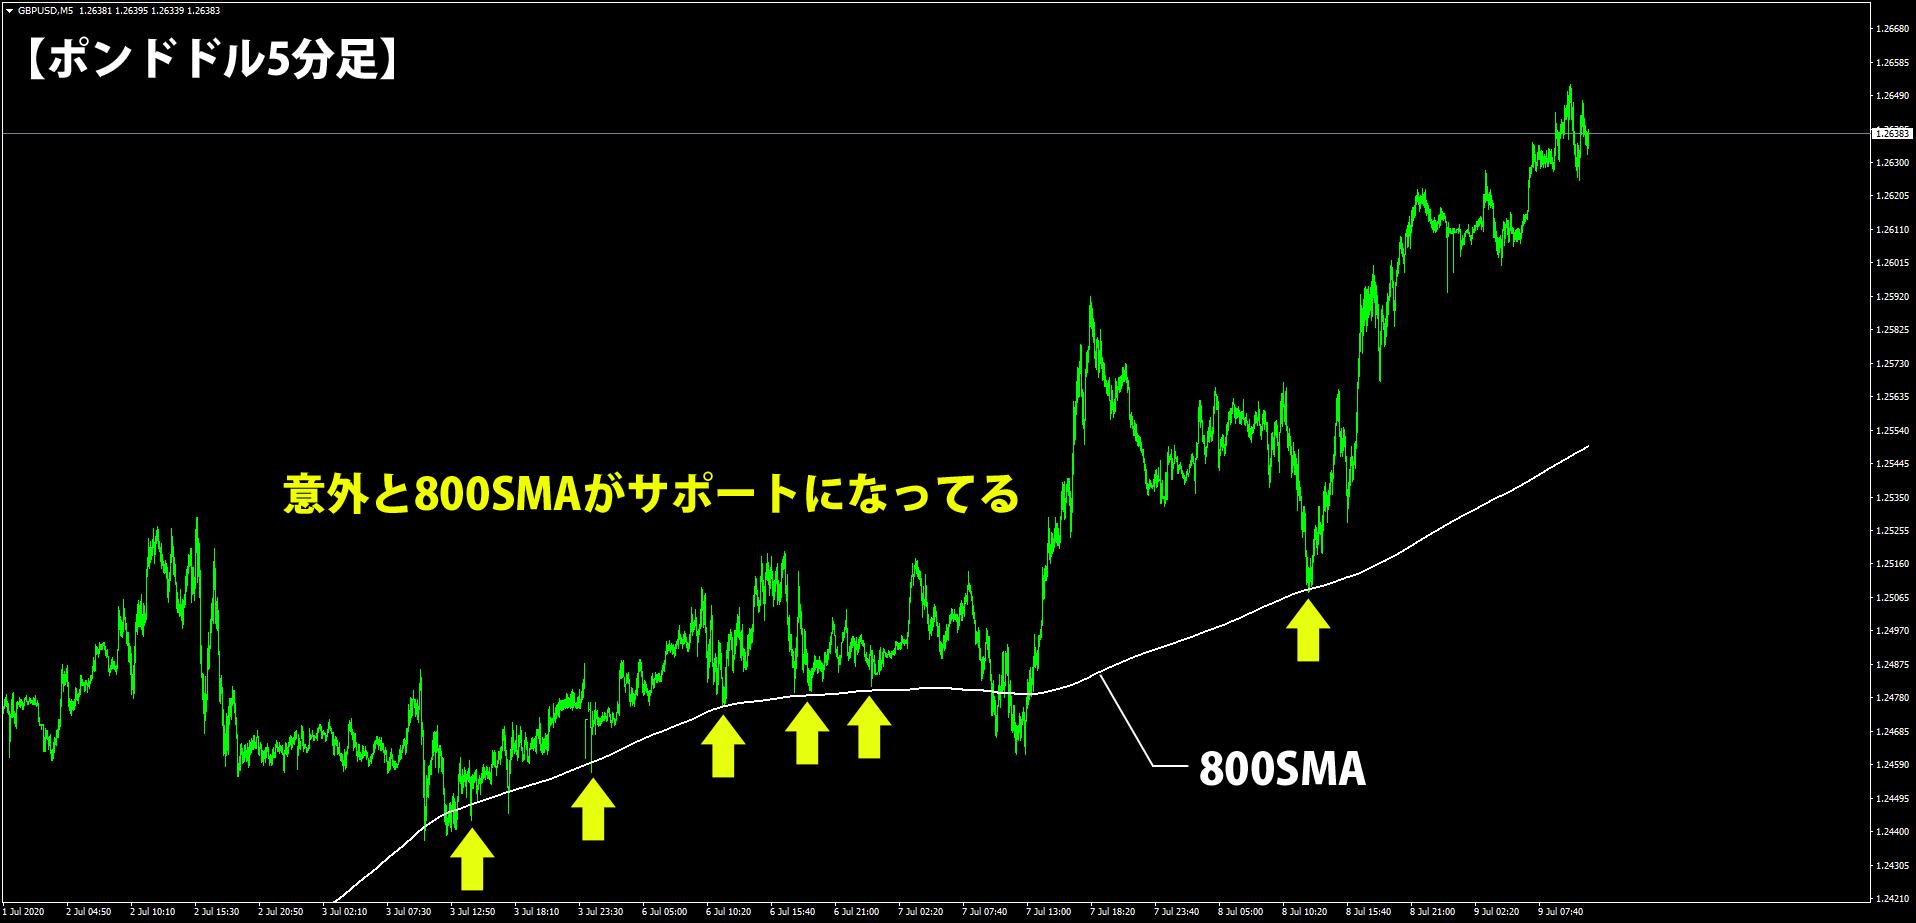 5分足にSMA800を表示したチャート